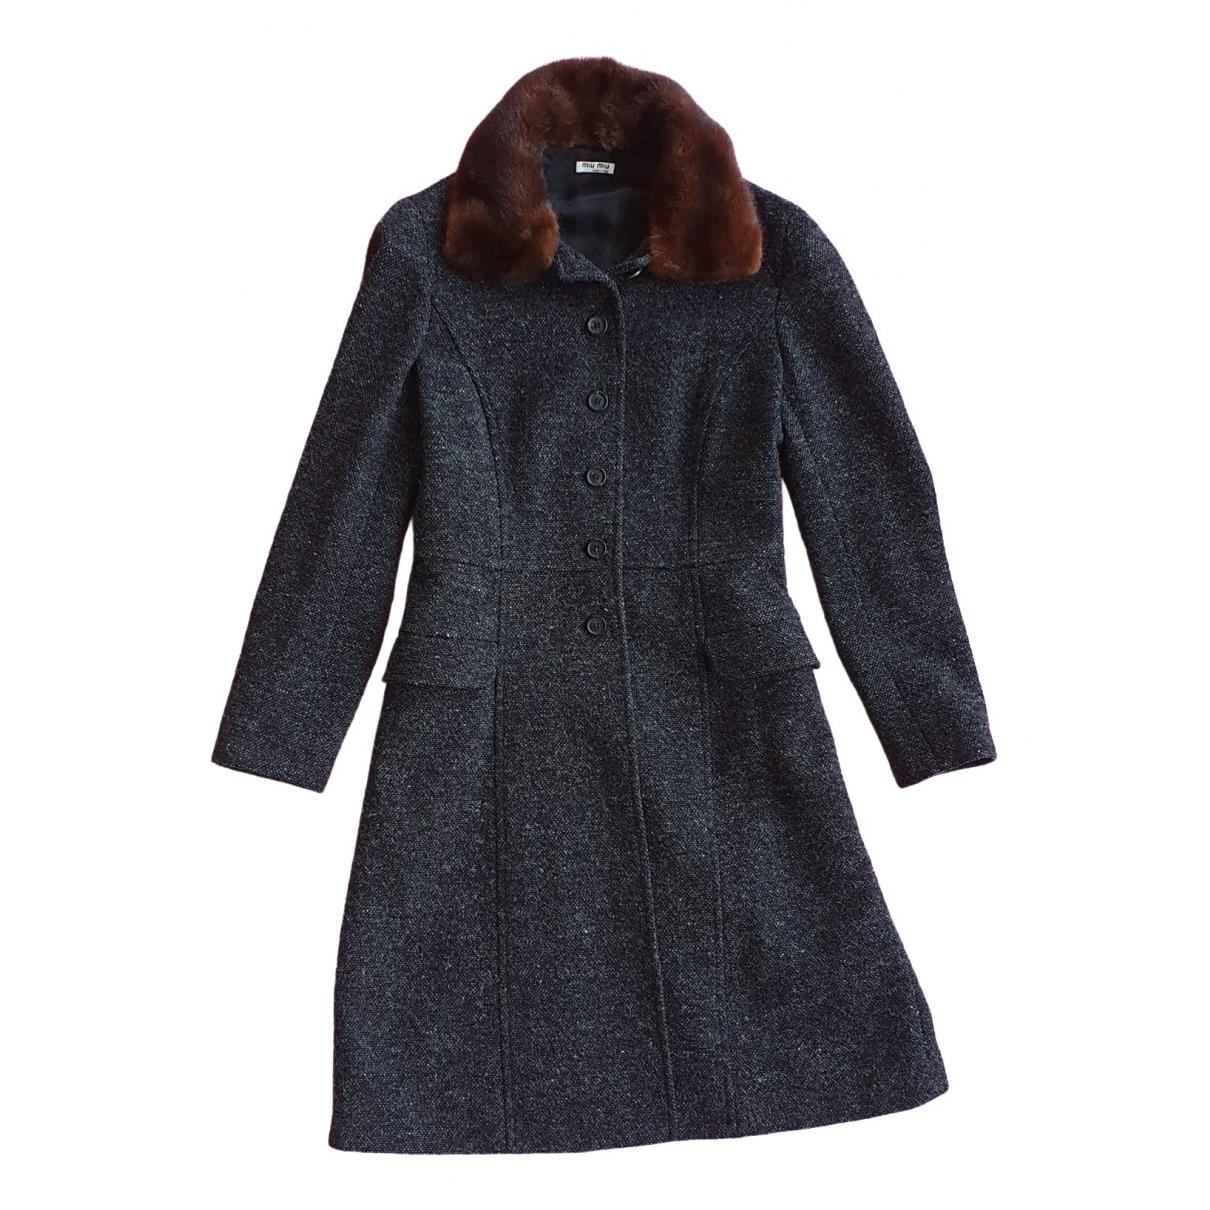 Miu Miu - Manteau   pour femme en laine - multicolore